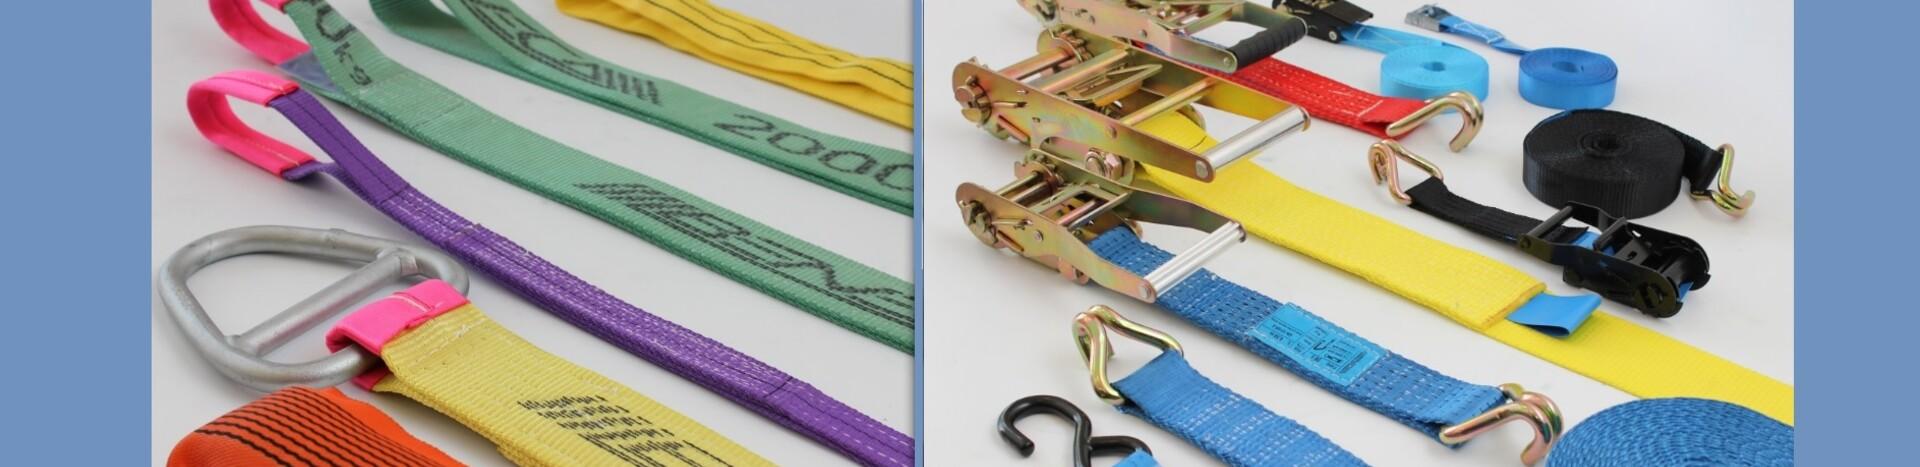 spanbanden rondstroppen slings